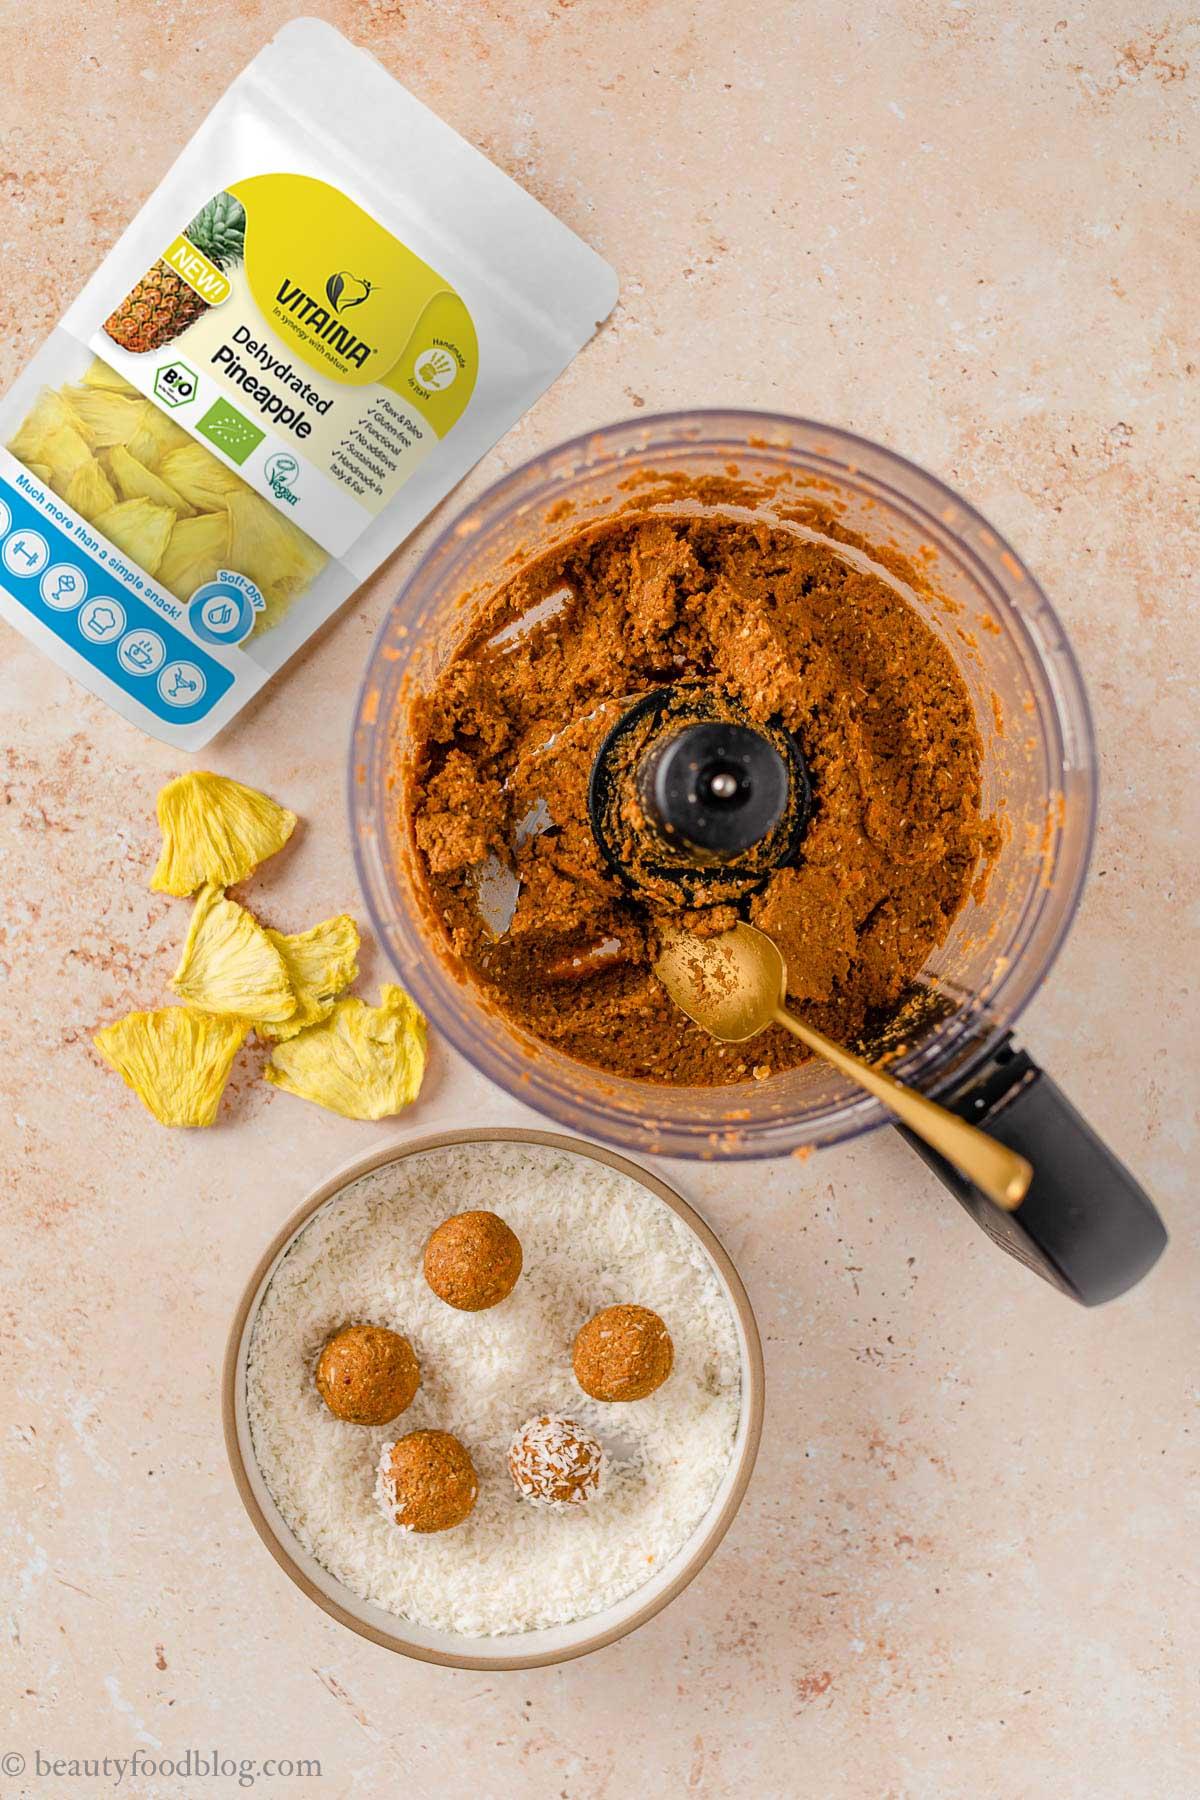 come fare le energy balls alle carote senza frutta secca senza zuccheri aggiunti how to make no-bake nut-free vegan carrot cake bites recipe